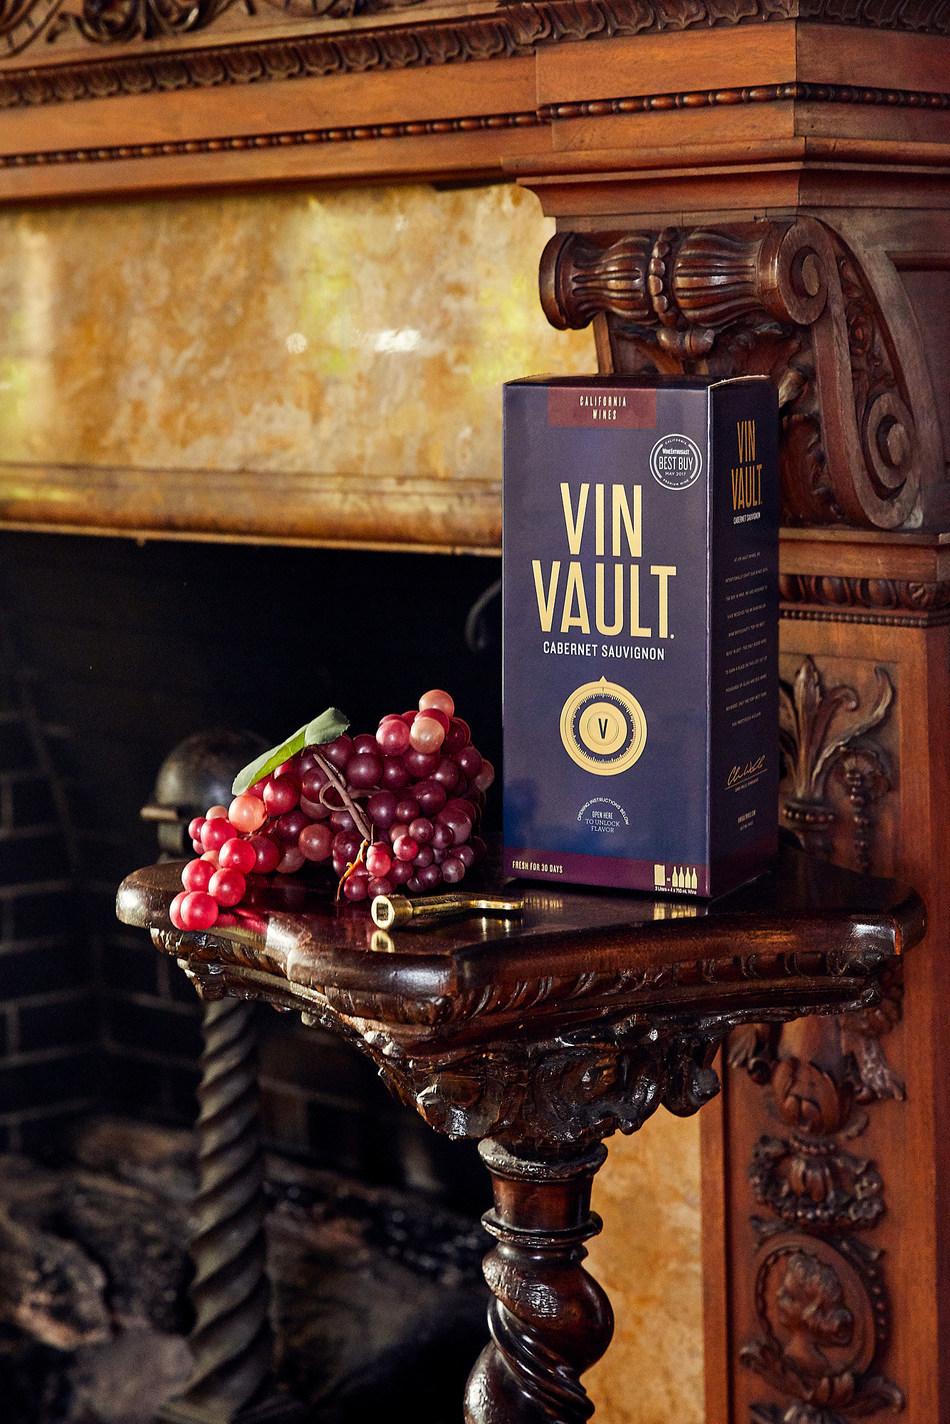 (PRNewsfoto/Vin Vault Wines)